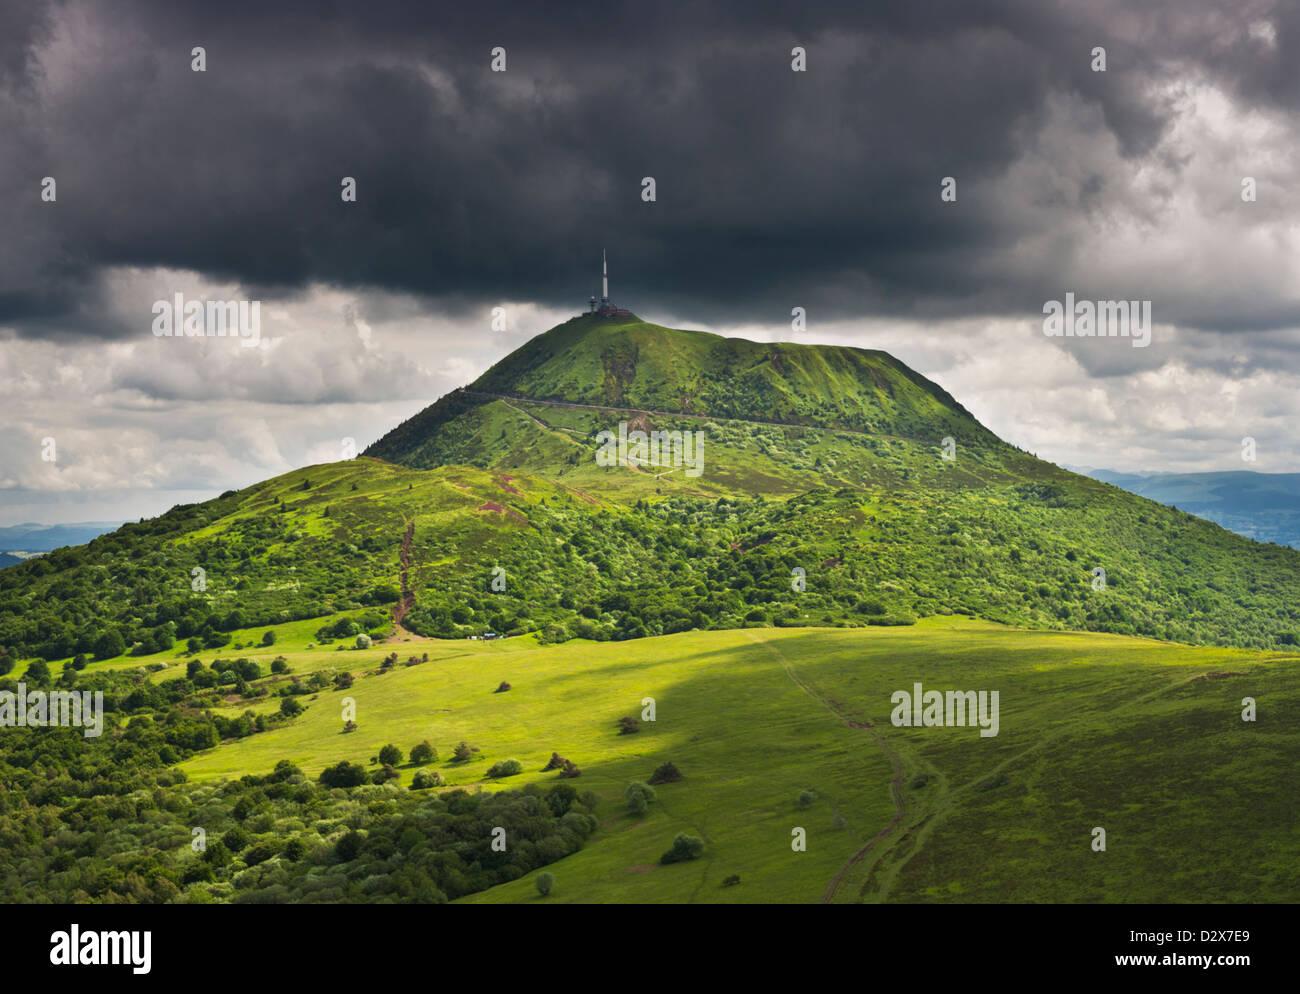 Puy-de-Dome Volcano from Puy de Pariou, Auvergne, France Stock Photo